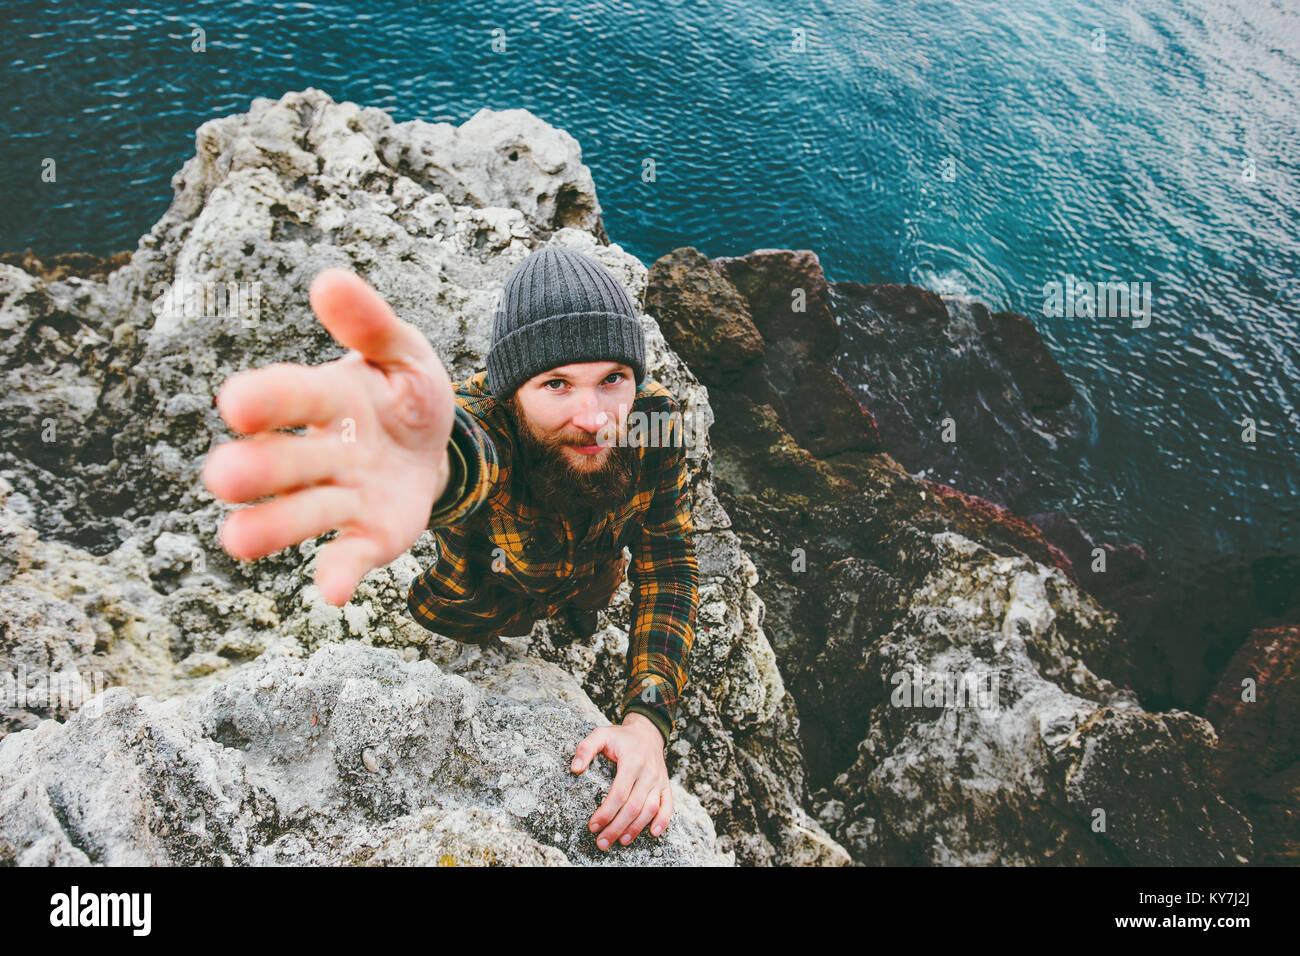 L'uomo aiutano a dare mano stile di vita viaggio concetto vacanze al mare outdoor Immagini Stock